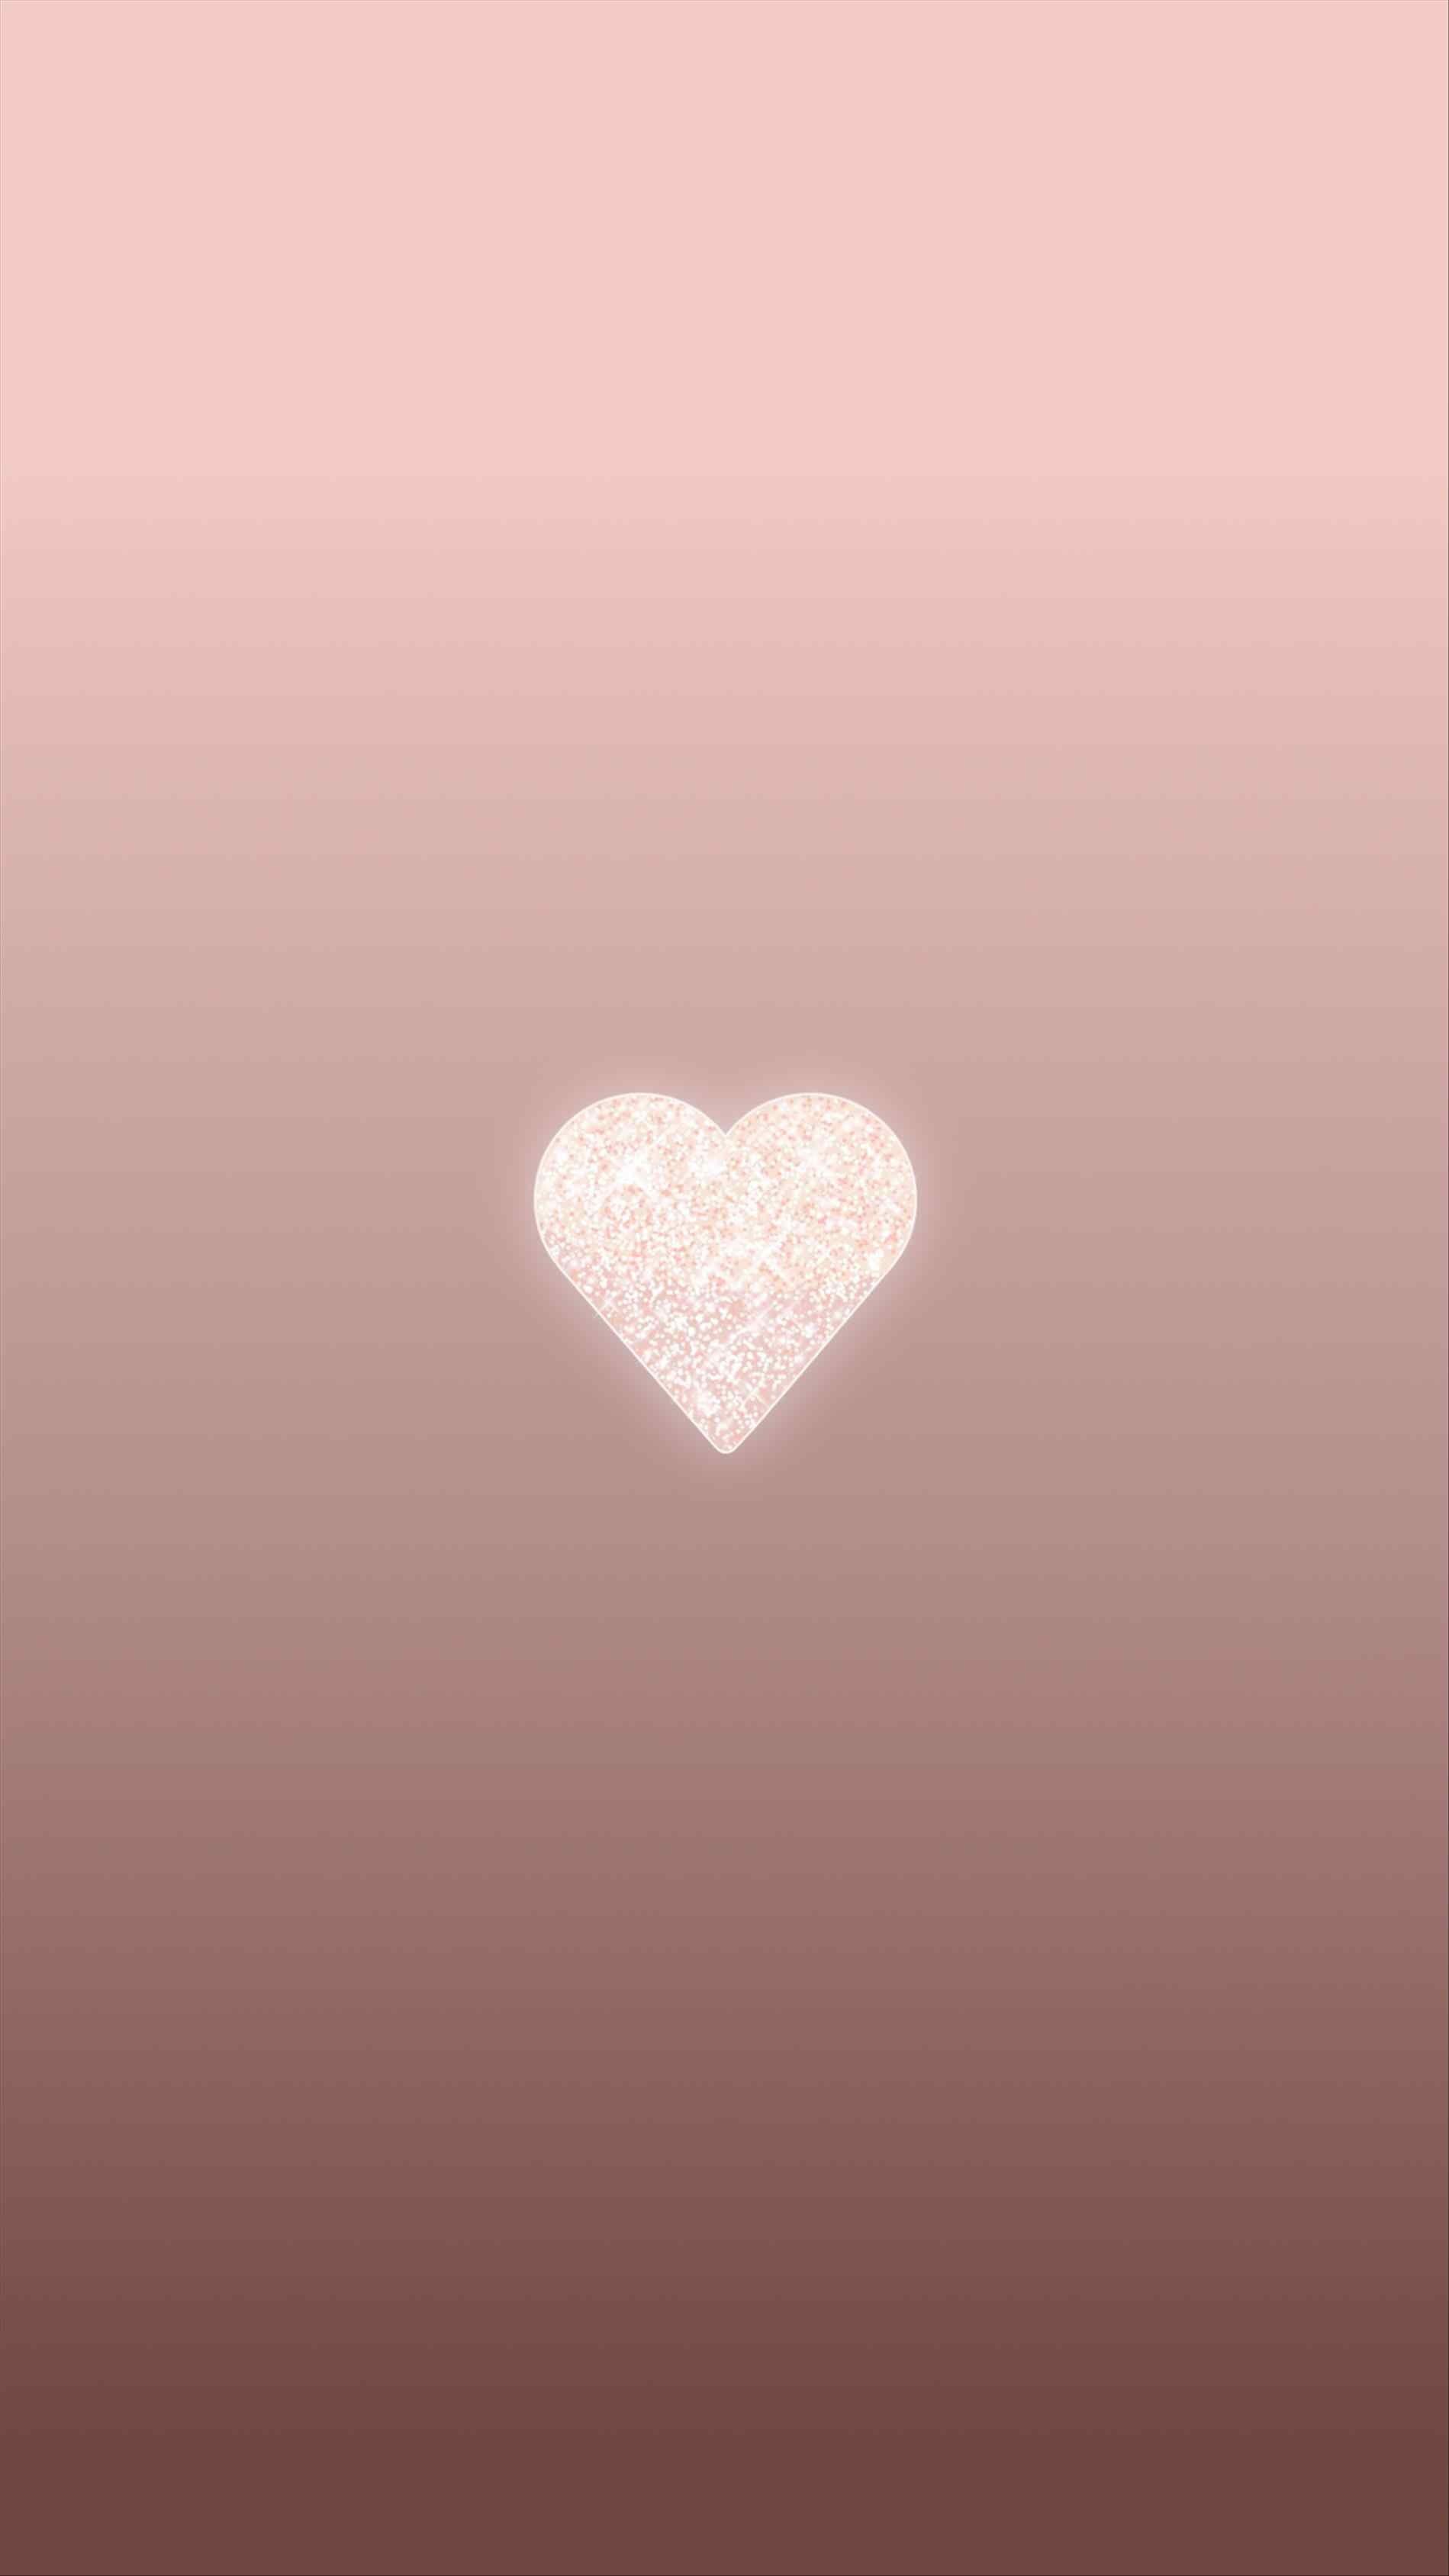 Download 53 Wallpaper Tumblr Rose Gold HD Paling Keren